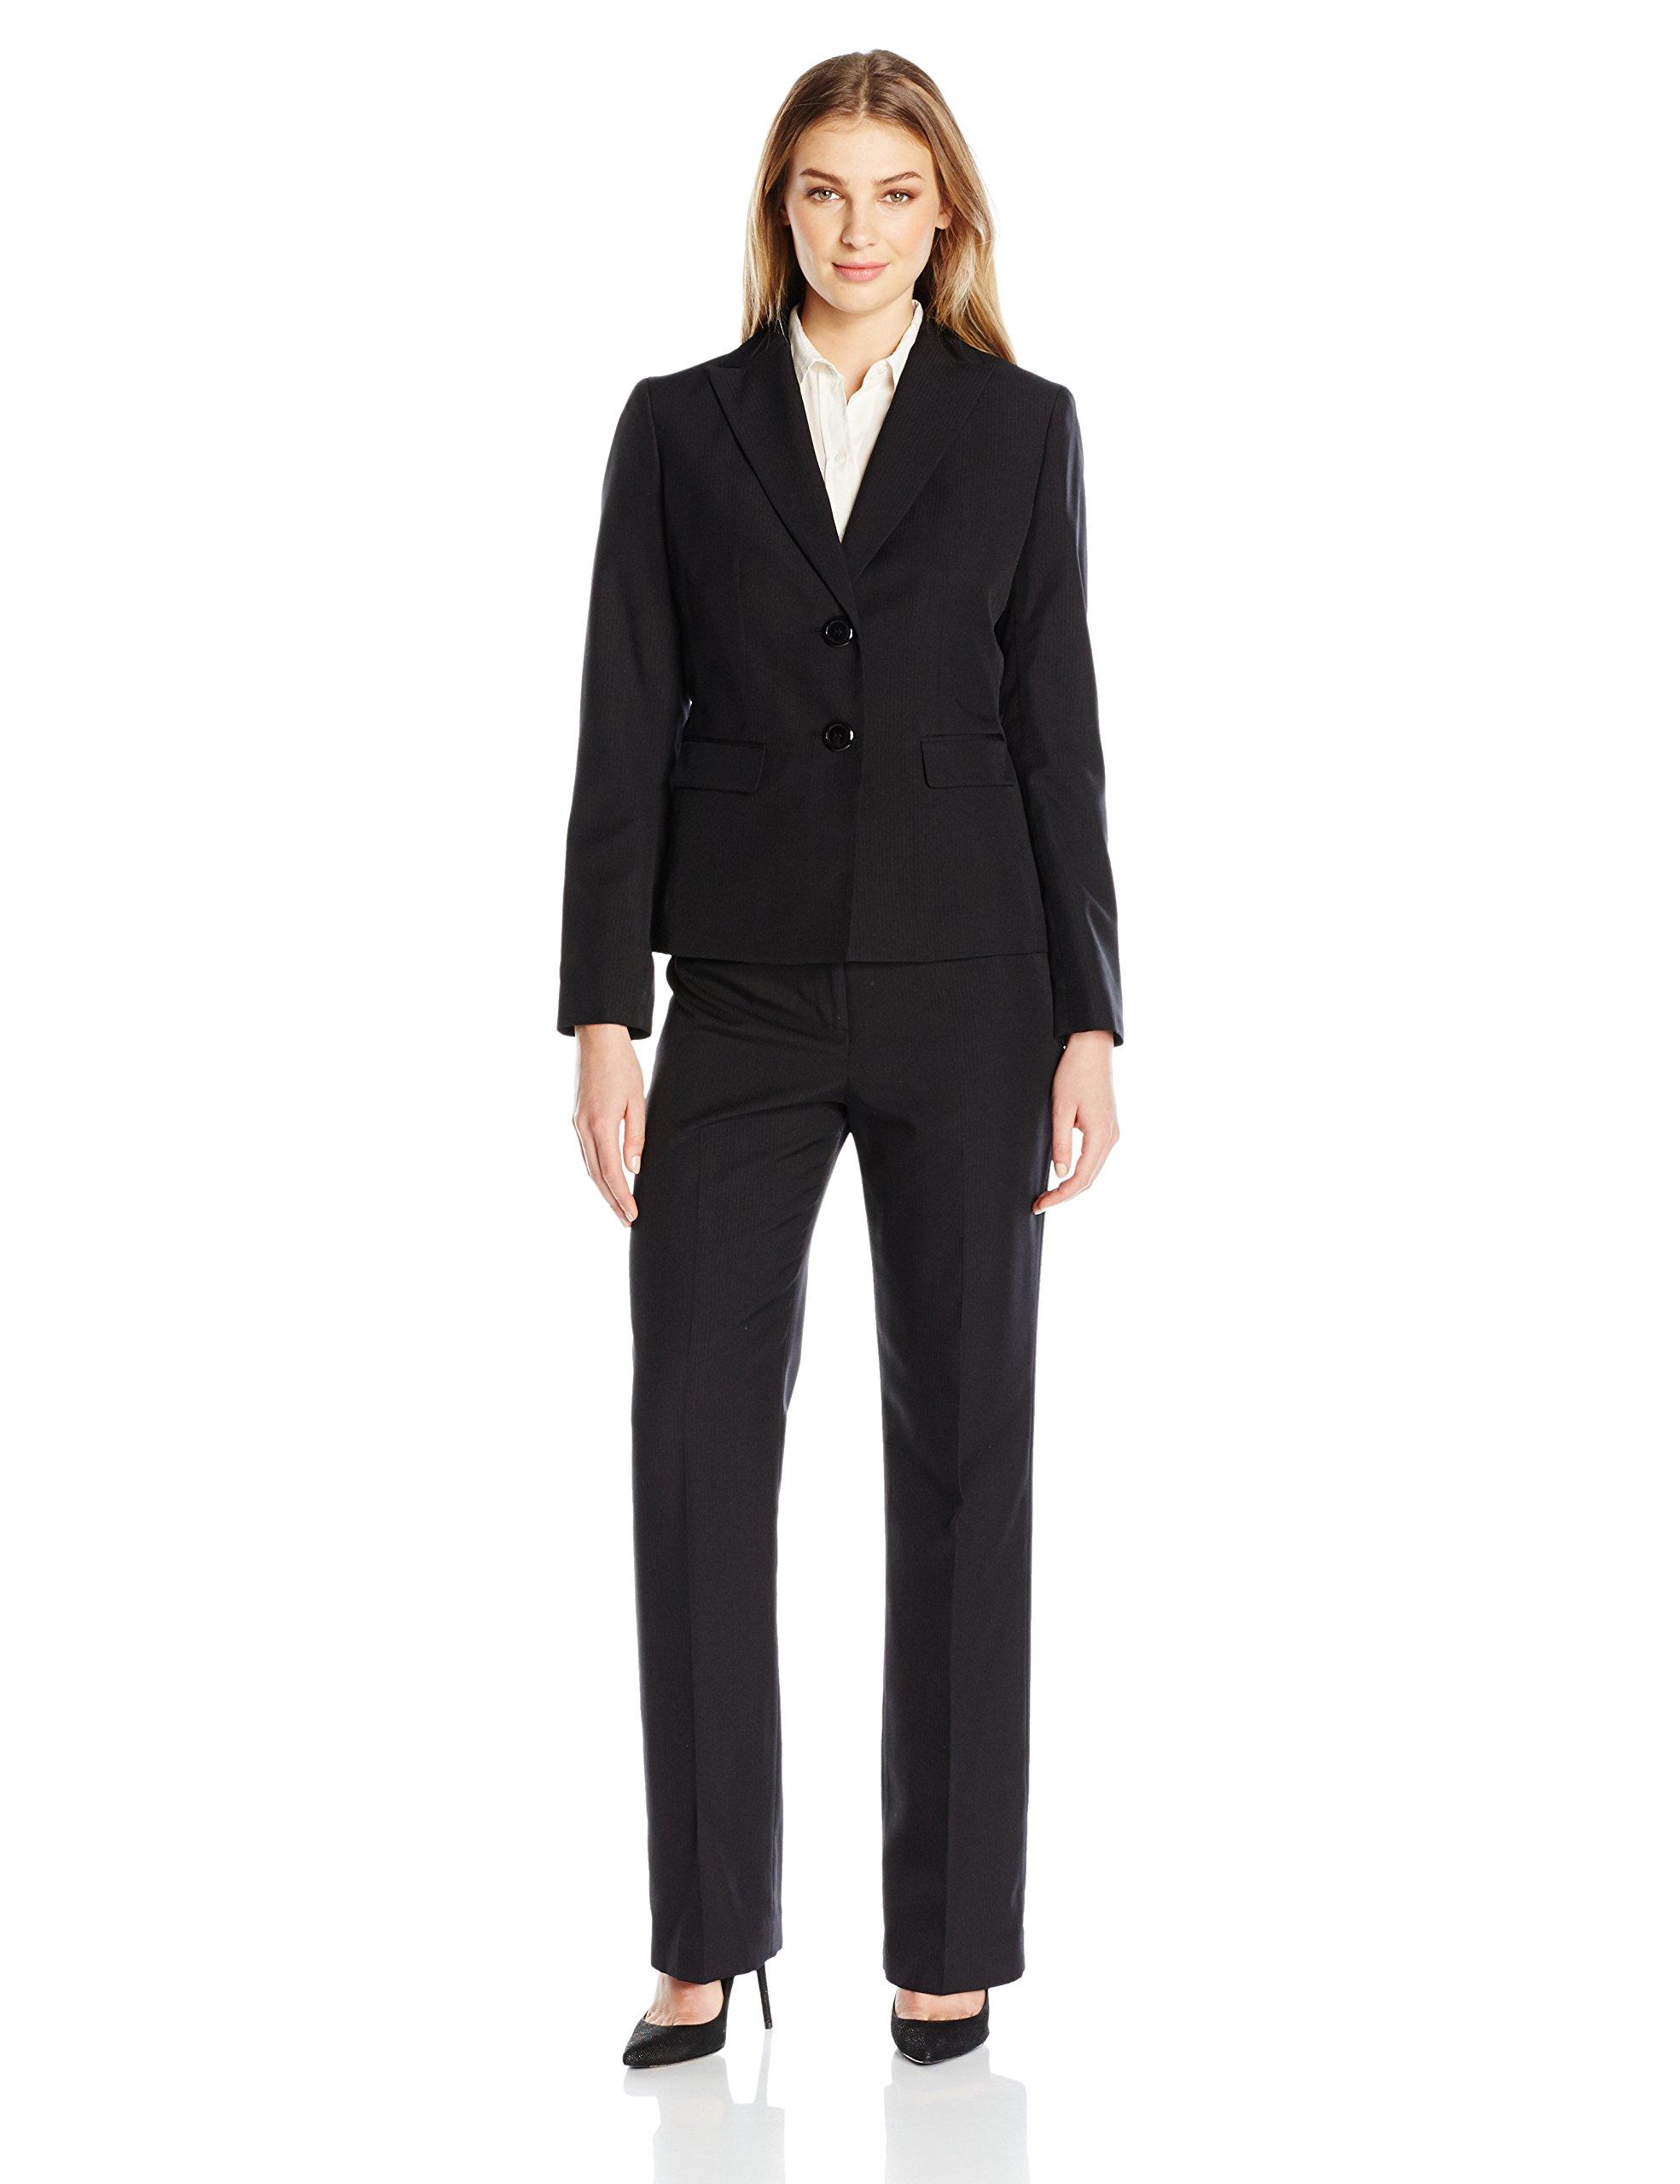 Le Suit Women's 2 Button Black Pant Suit, 14 by Le Suit